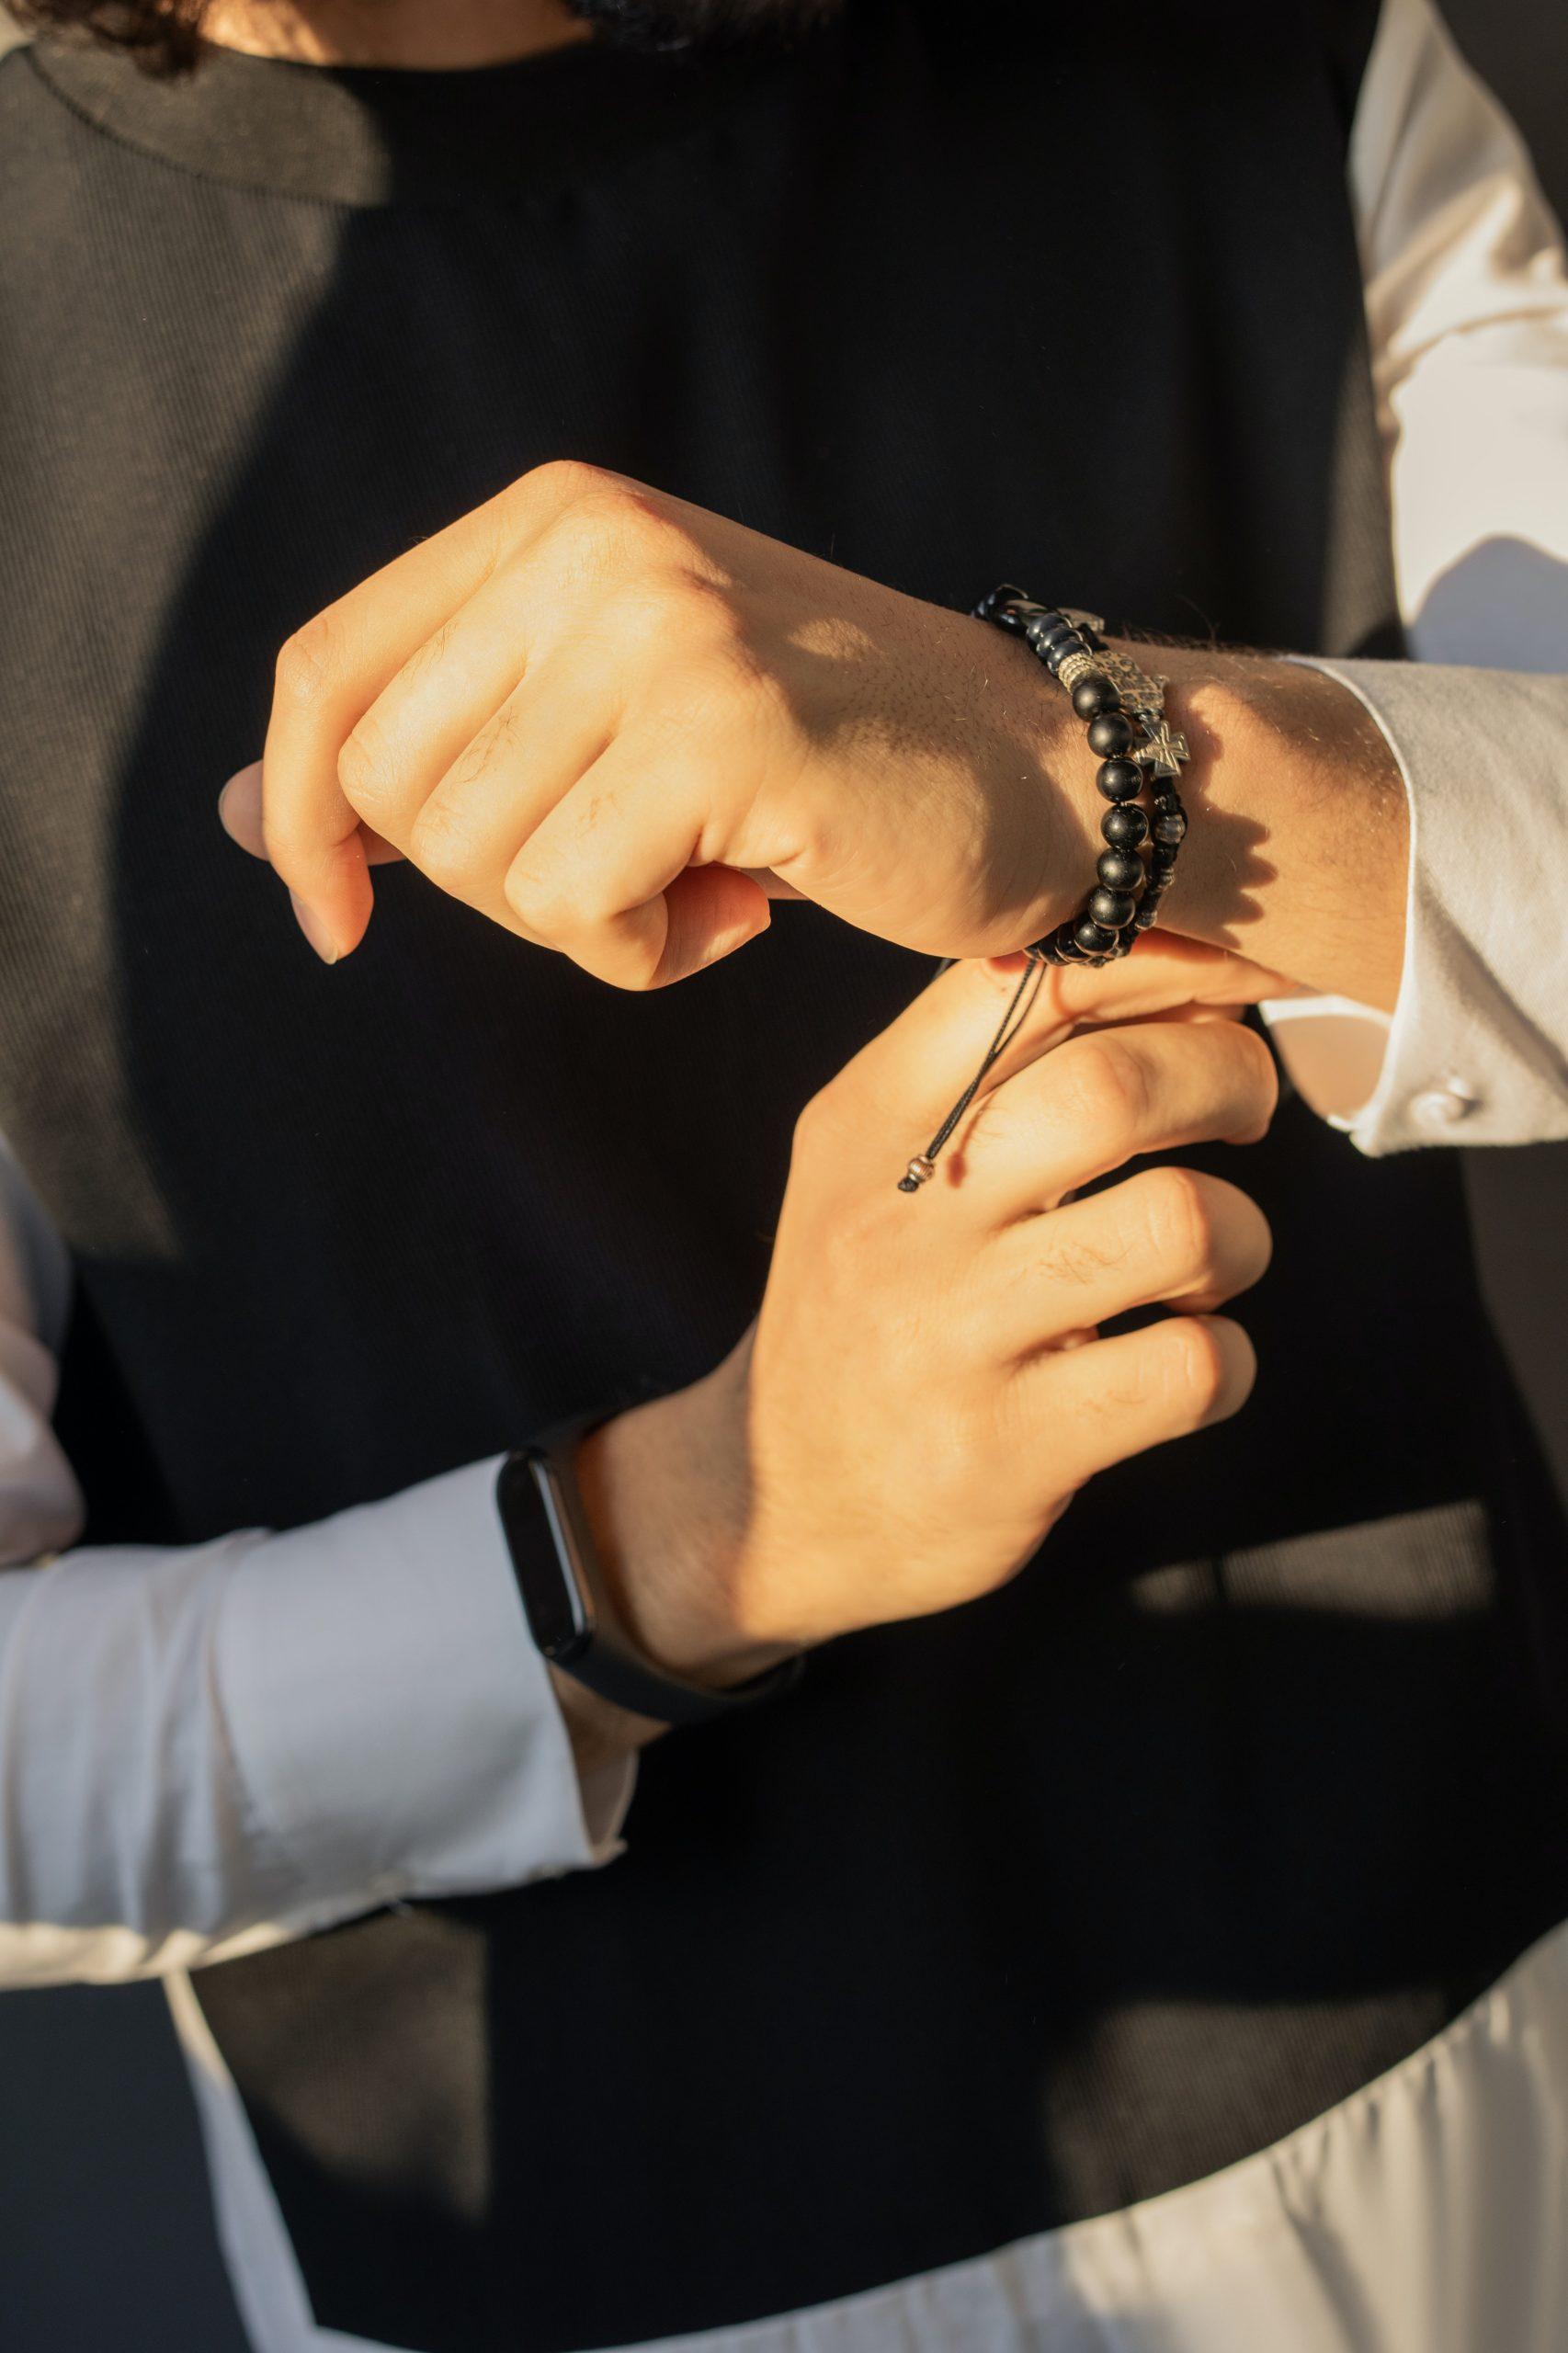 Male wearing bracelet